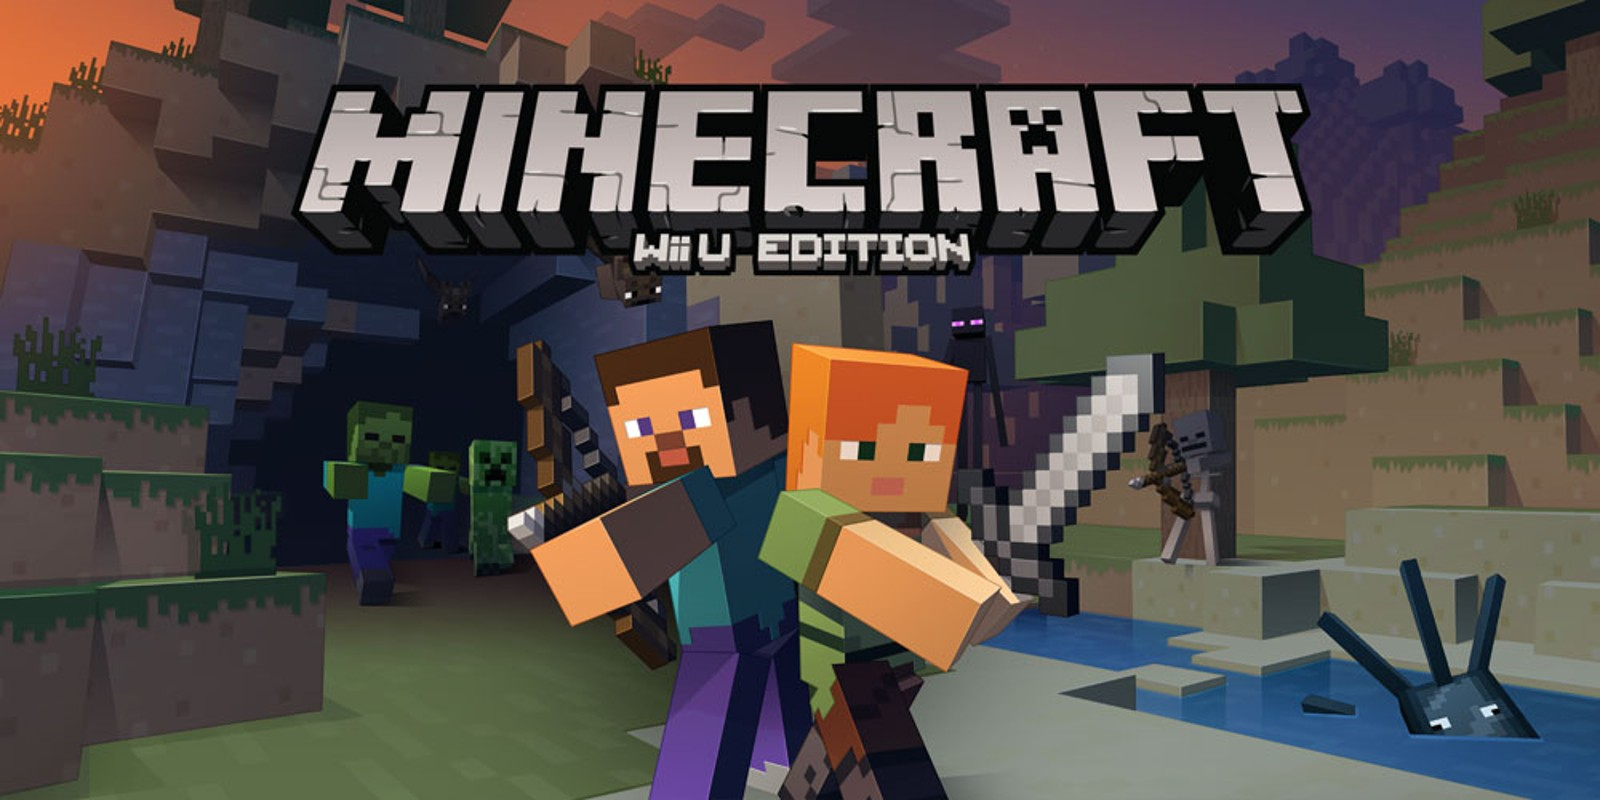 Minecraft Wii U Edition Wii U DownloadSoftware Spiele Nintendo - Minecraft spielen ohne internet